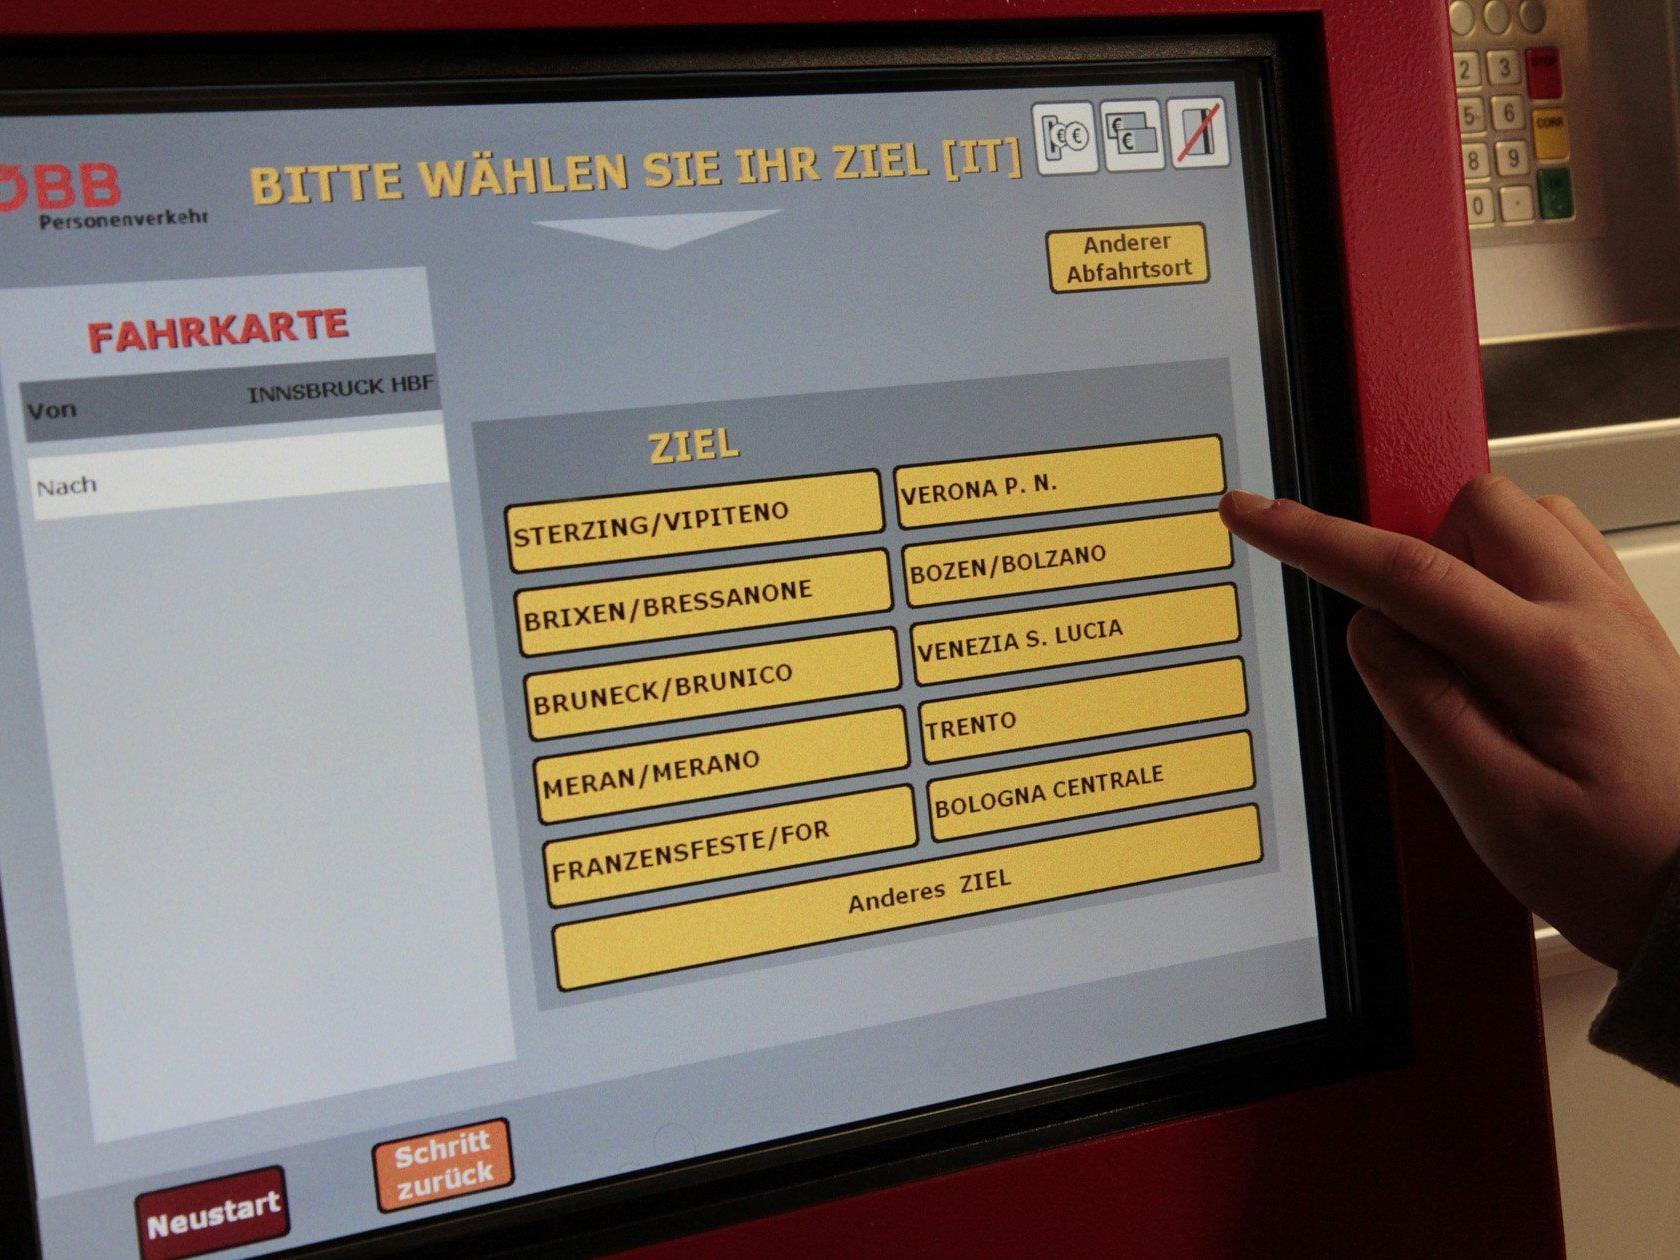 An den Fahrkartenautomaten können in Zukunft auch Tickets nach Deutschland und Südtirol gekauft werden.